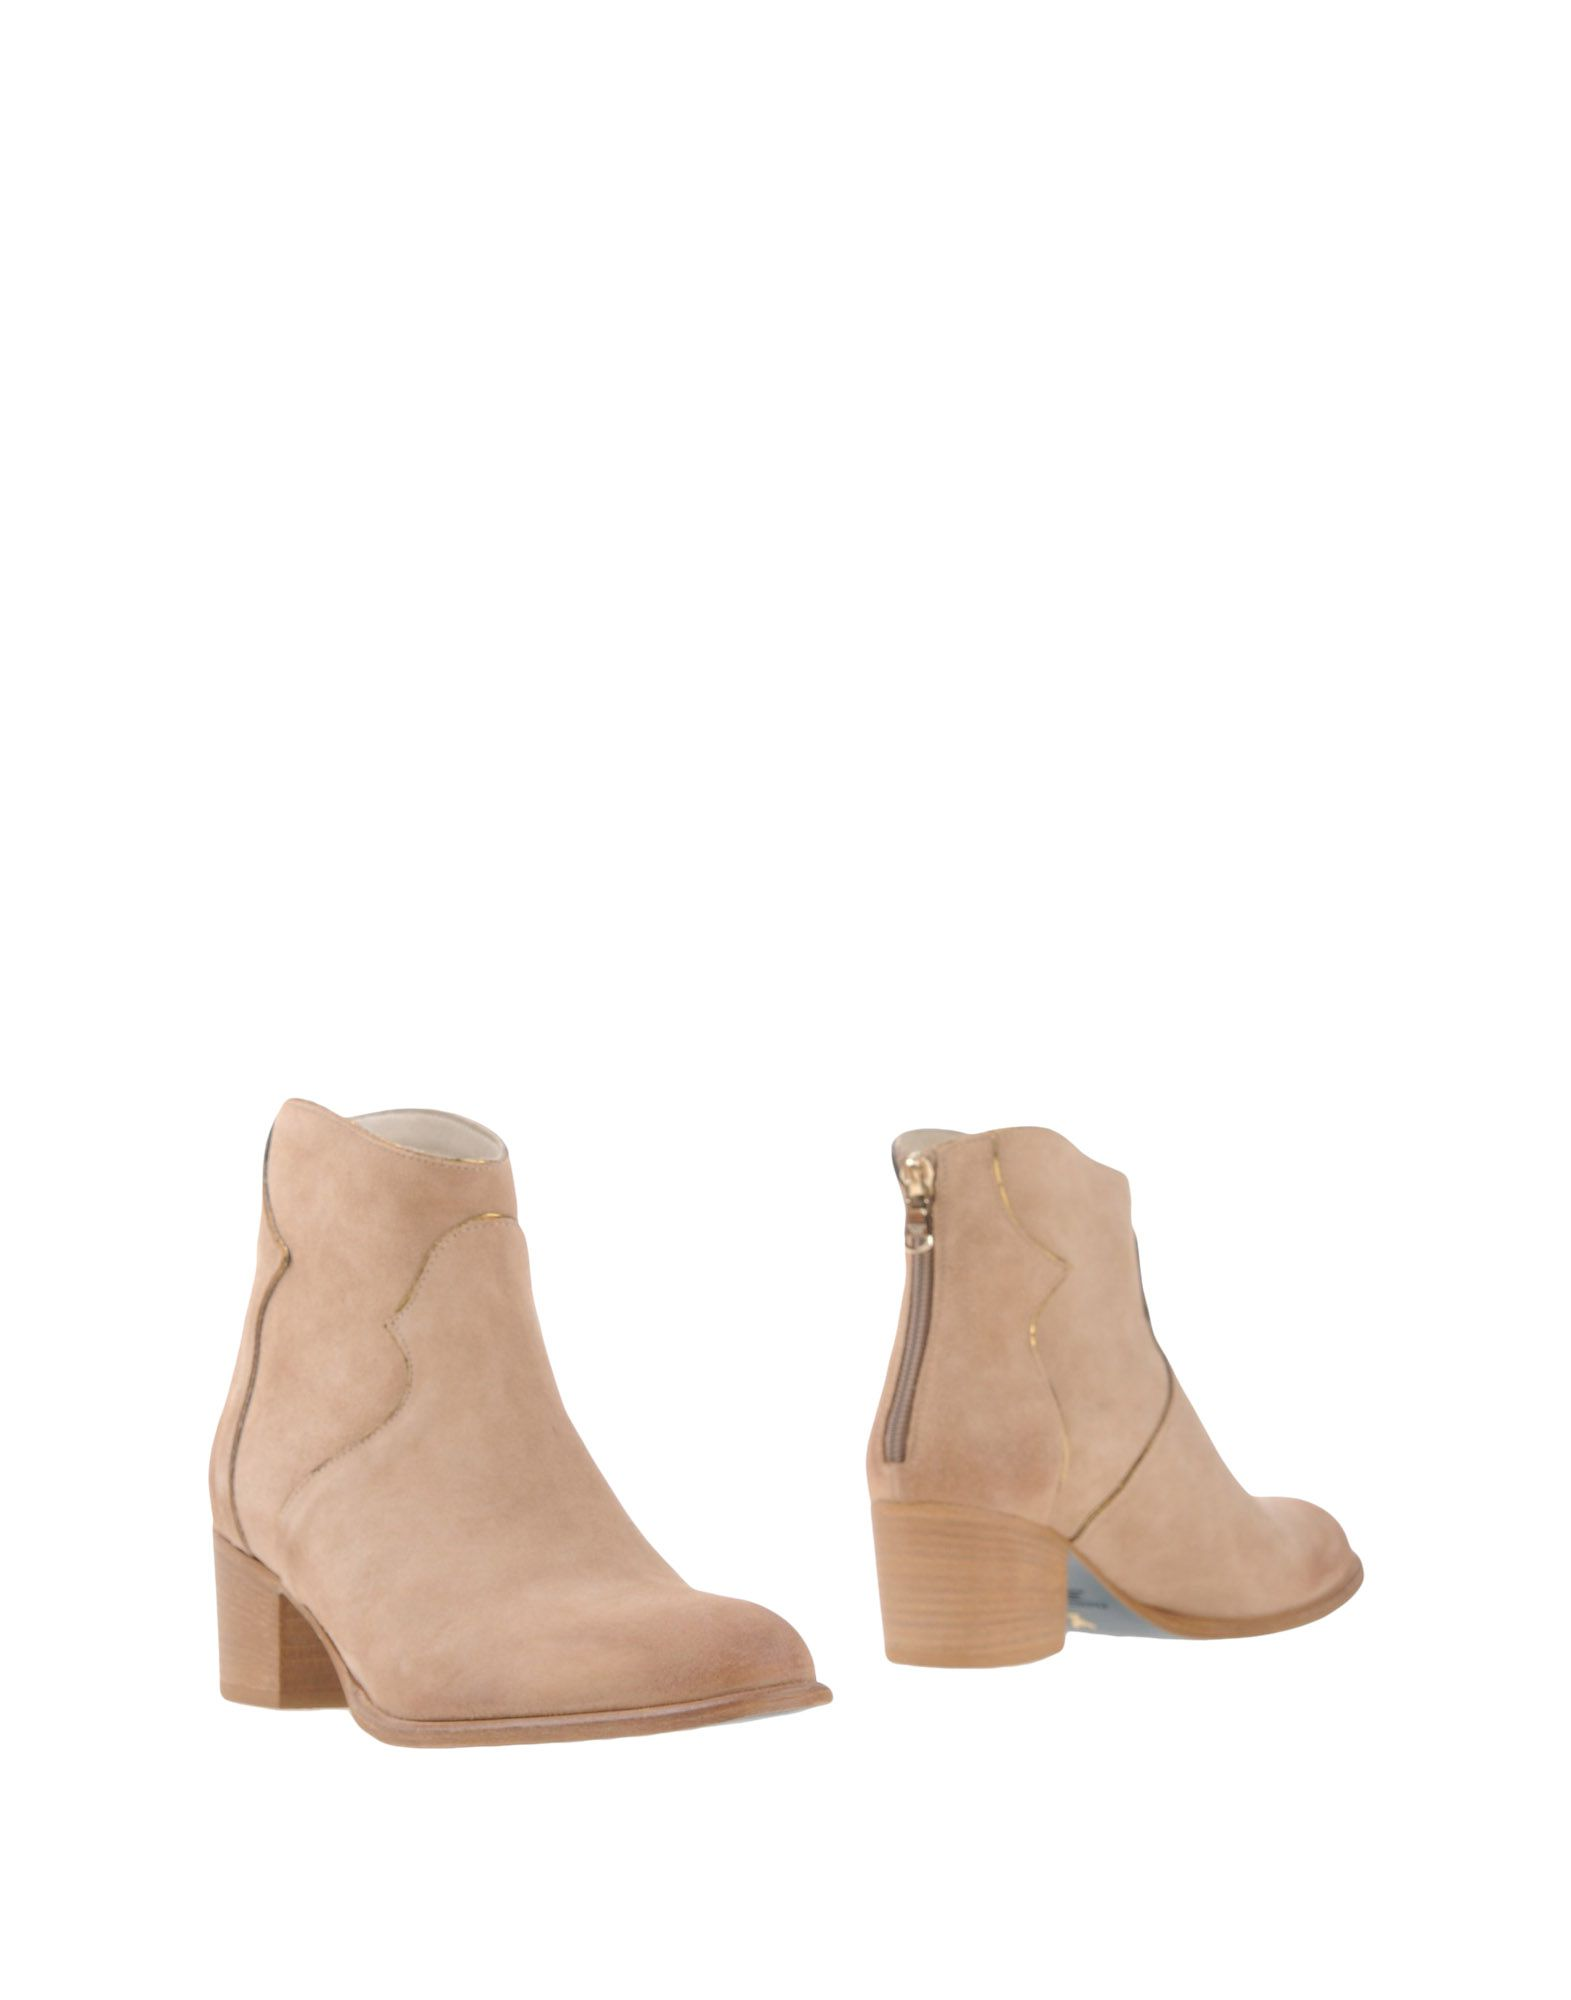 Patrizia Pepe Stiefelette Damen  11346020DW Gute Qualität beliebte Schuhe